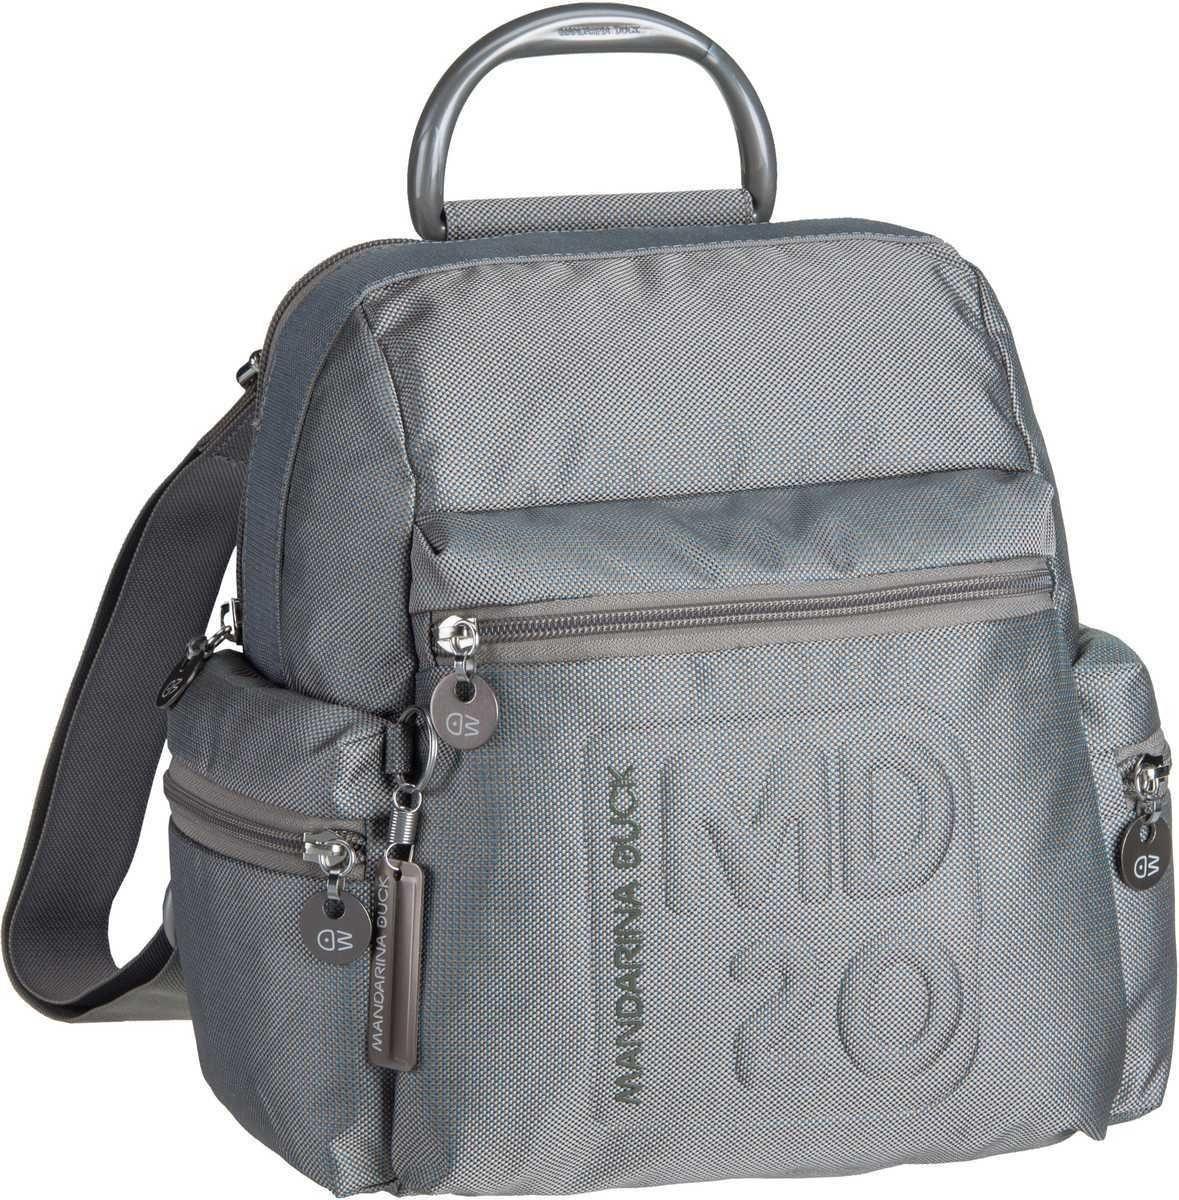 Aktuelle Angebote Kaufroboter Die Discounter Suchmaschine Tas Backpack Premium Old Steelseries Orange Mandarina Duck Rucksack Daypack Md20 Small